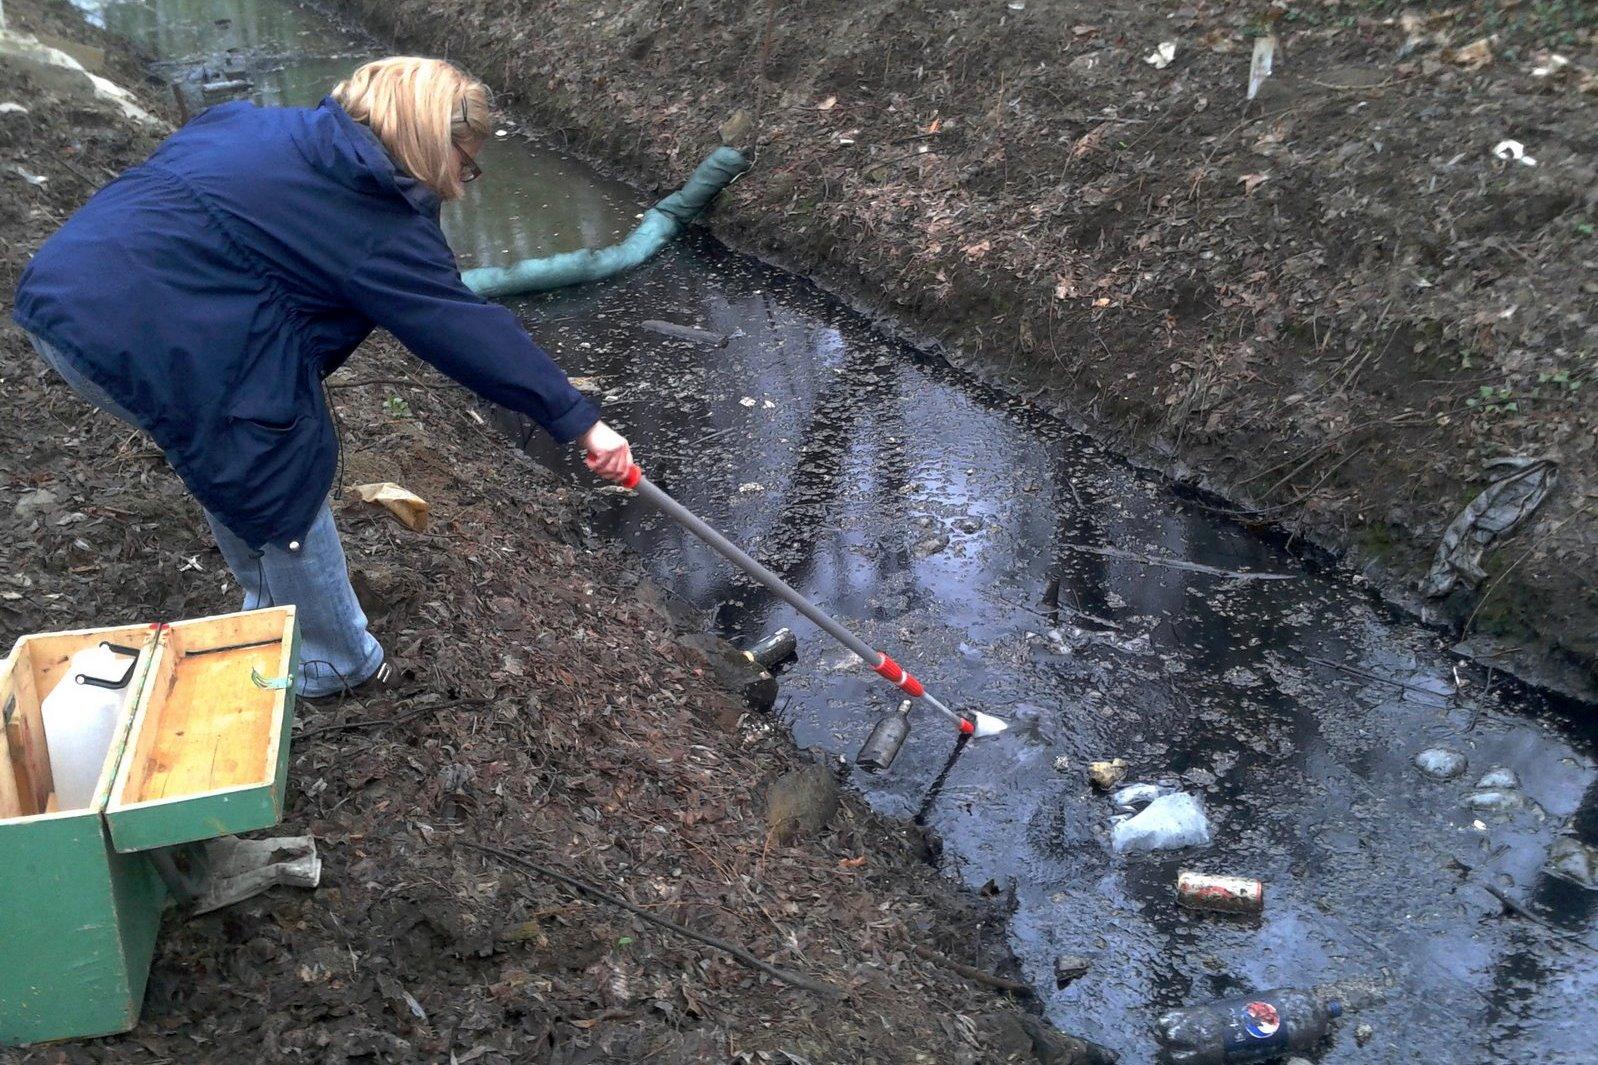 Strażnicy referatu ds. Ekologicznych ujawnili substancję ropopochodną w potoku